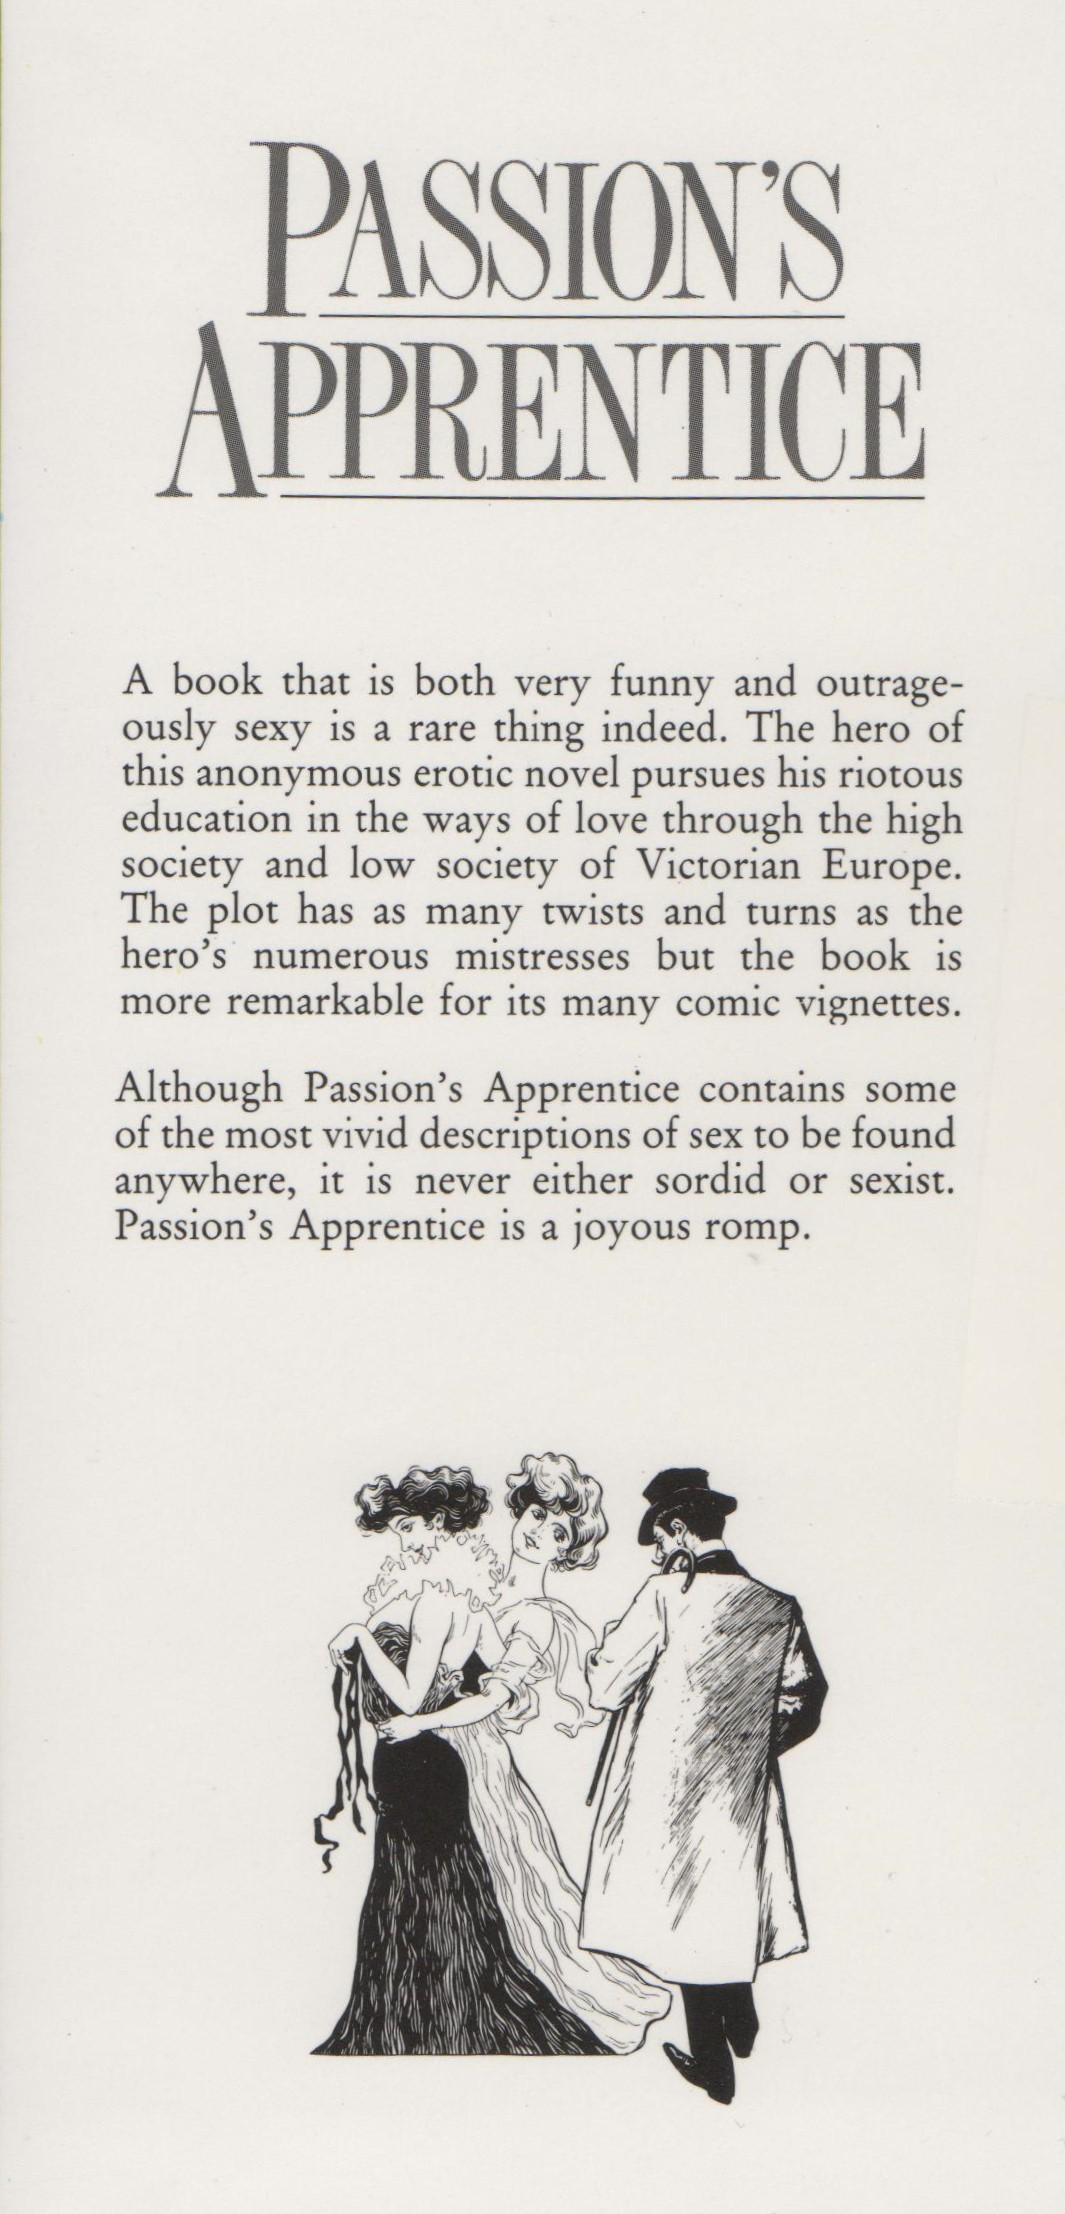 Passion's Apprentice